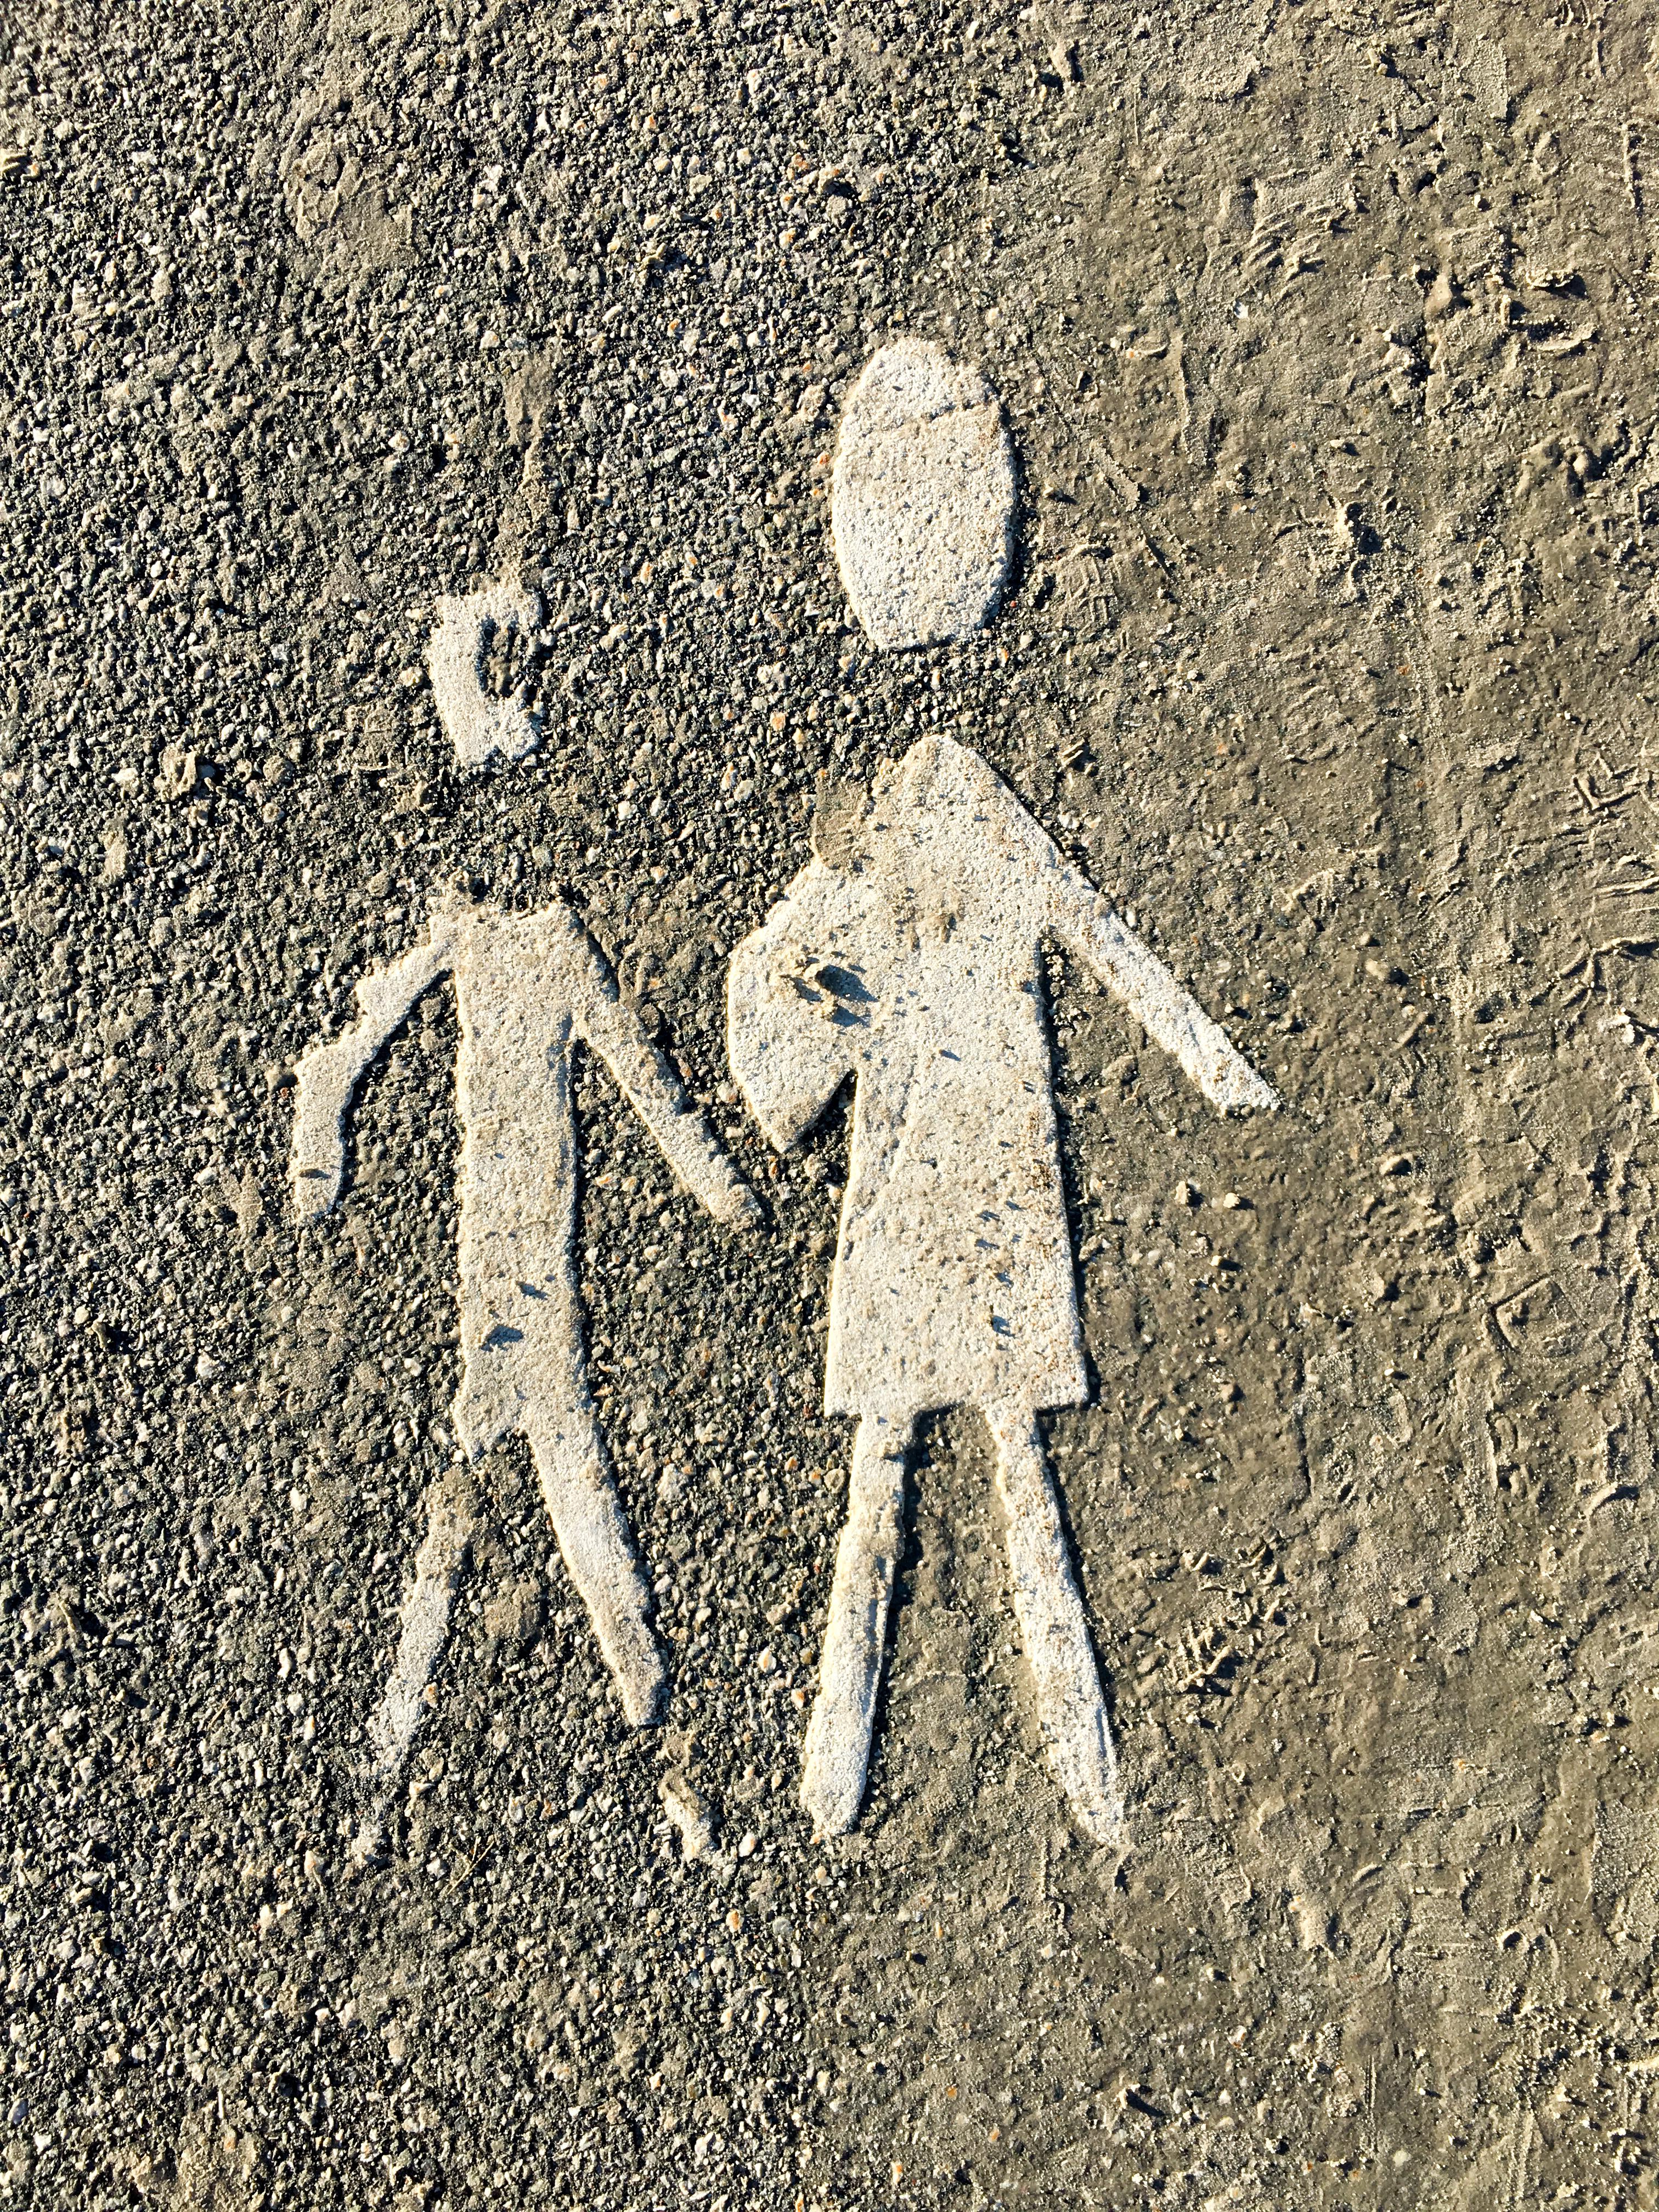 Piktogramm auf Straße